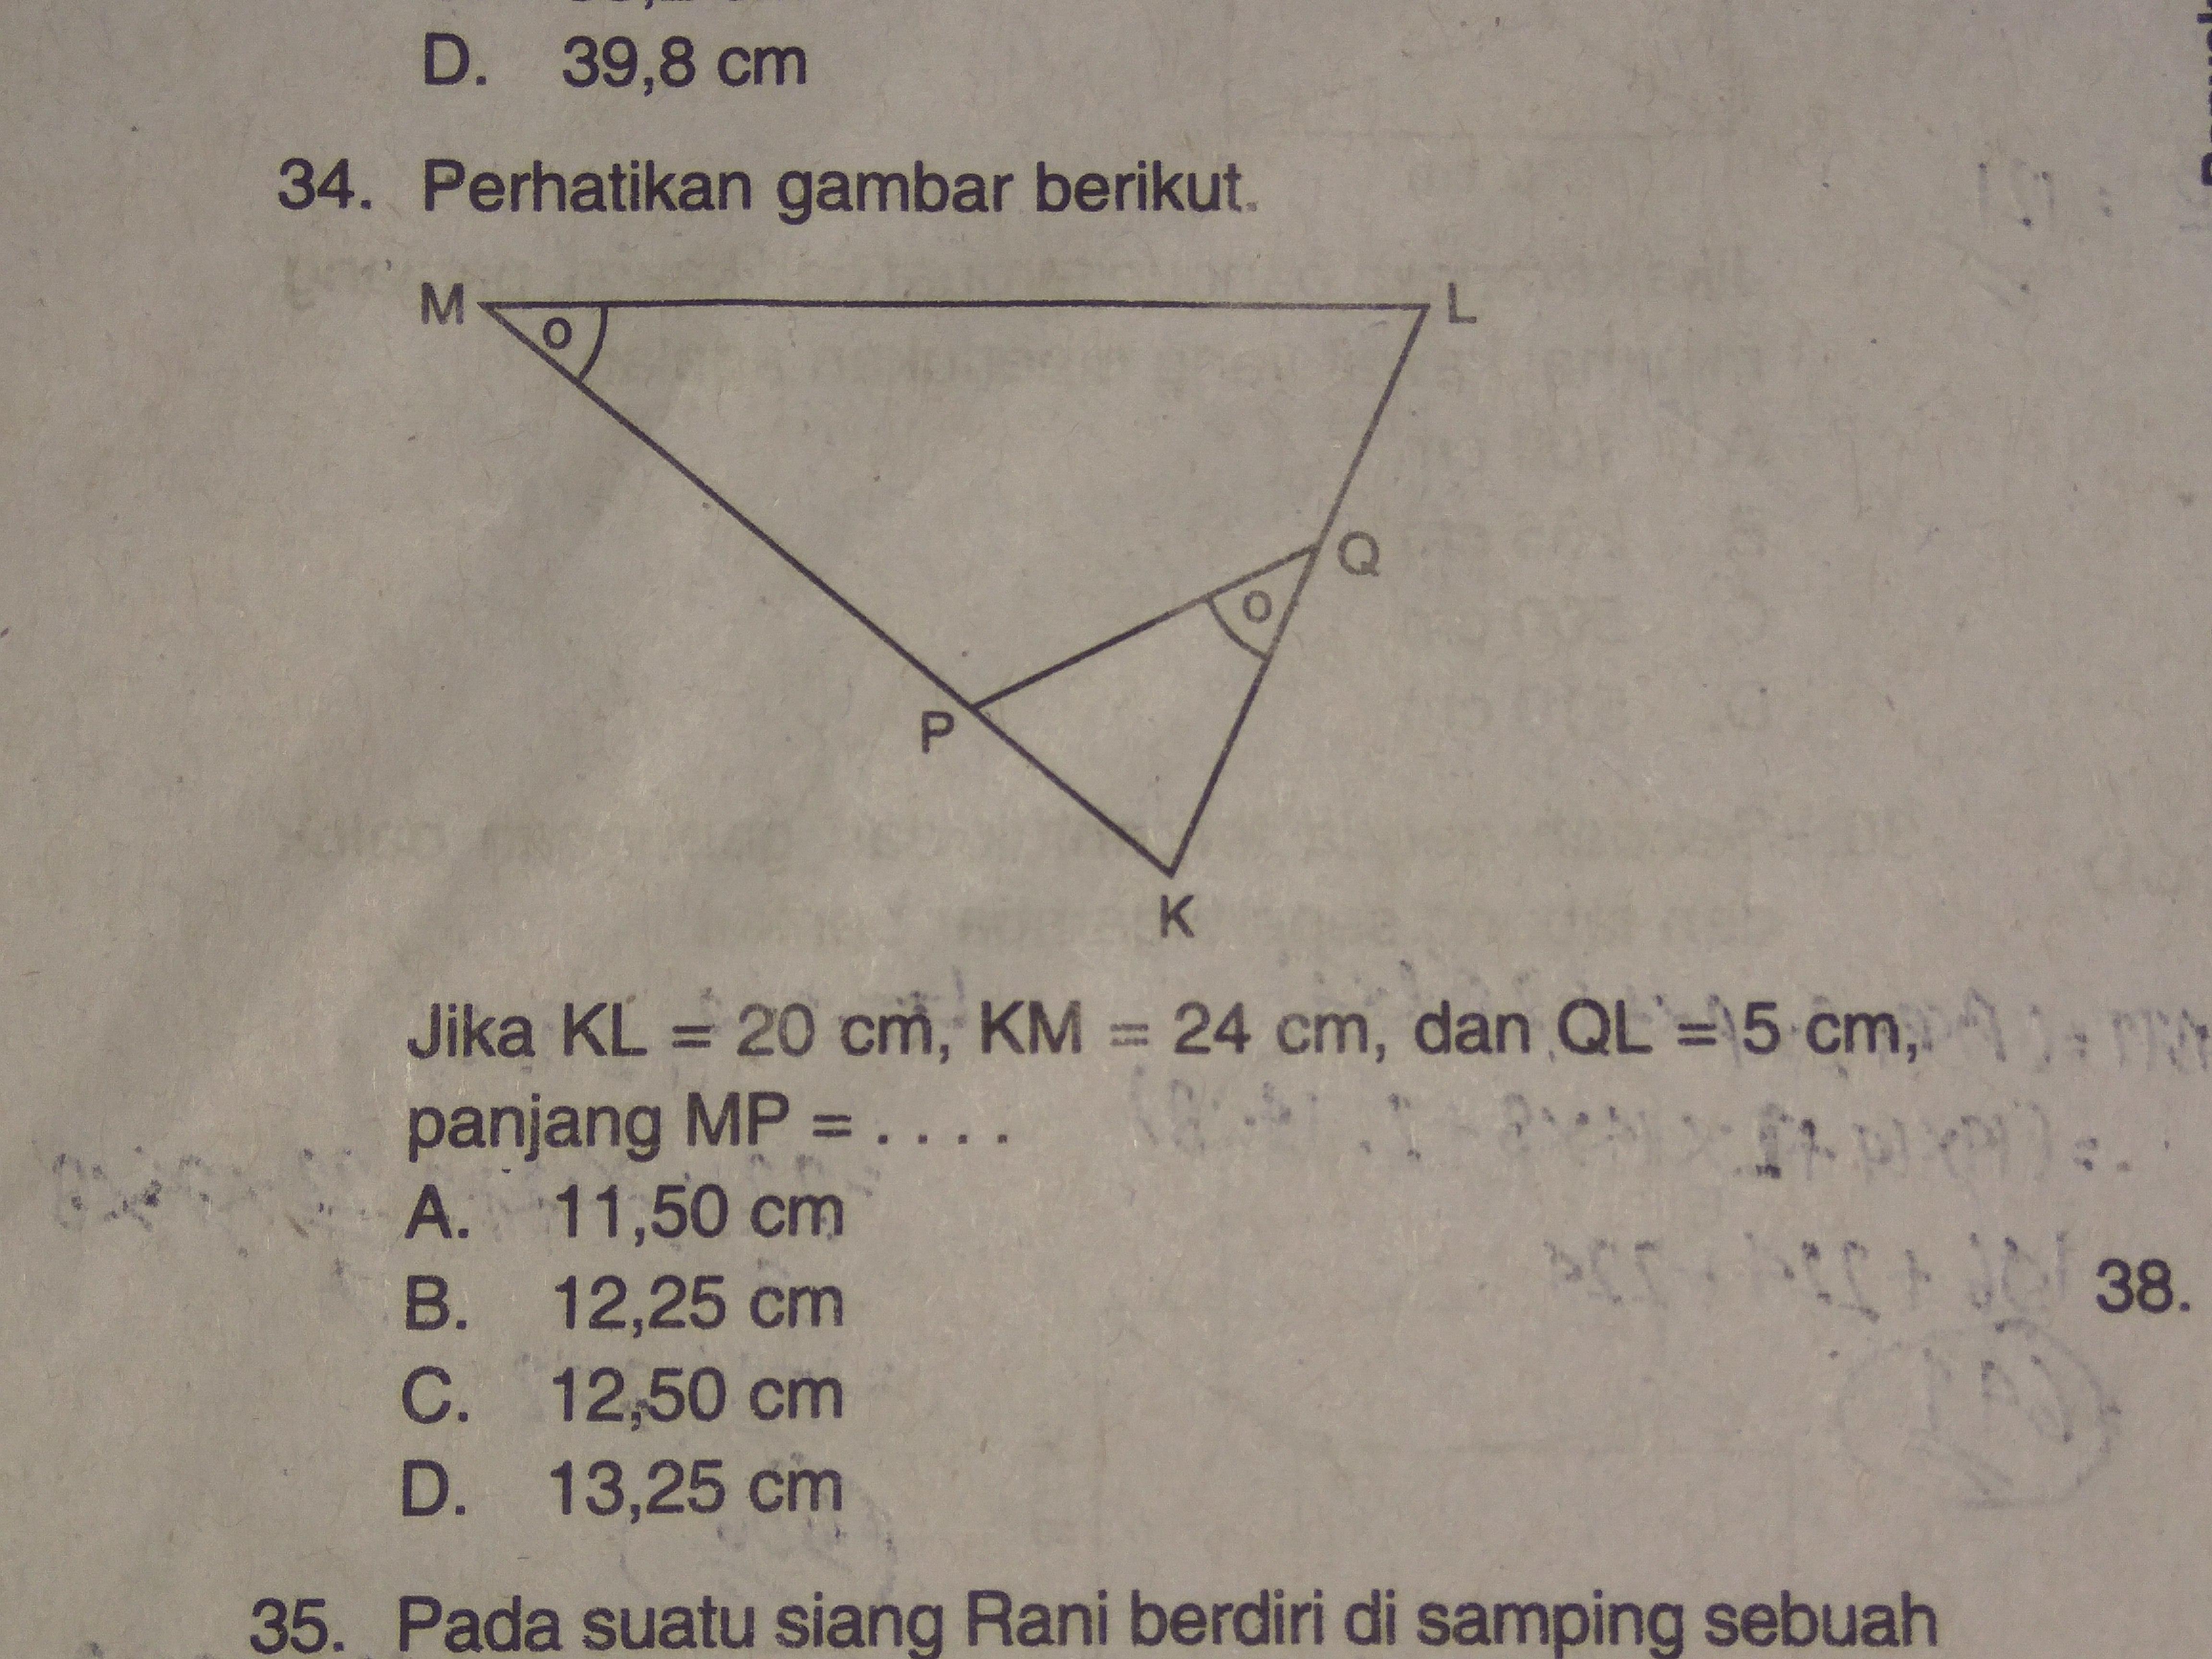 Jika KL = 20 cm, KM = 24 cm, dan QL = 5 cm, panjang MP ...